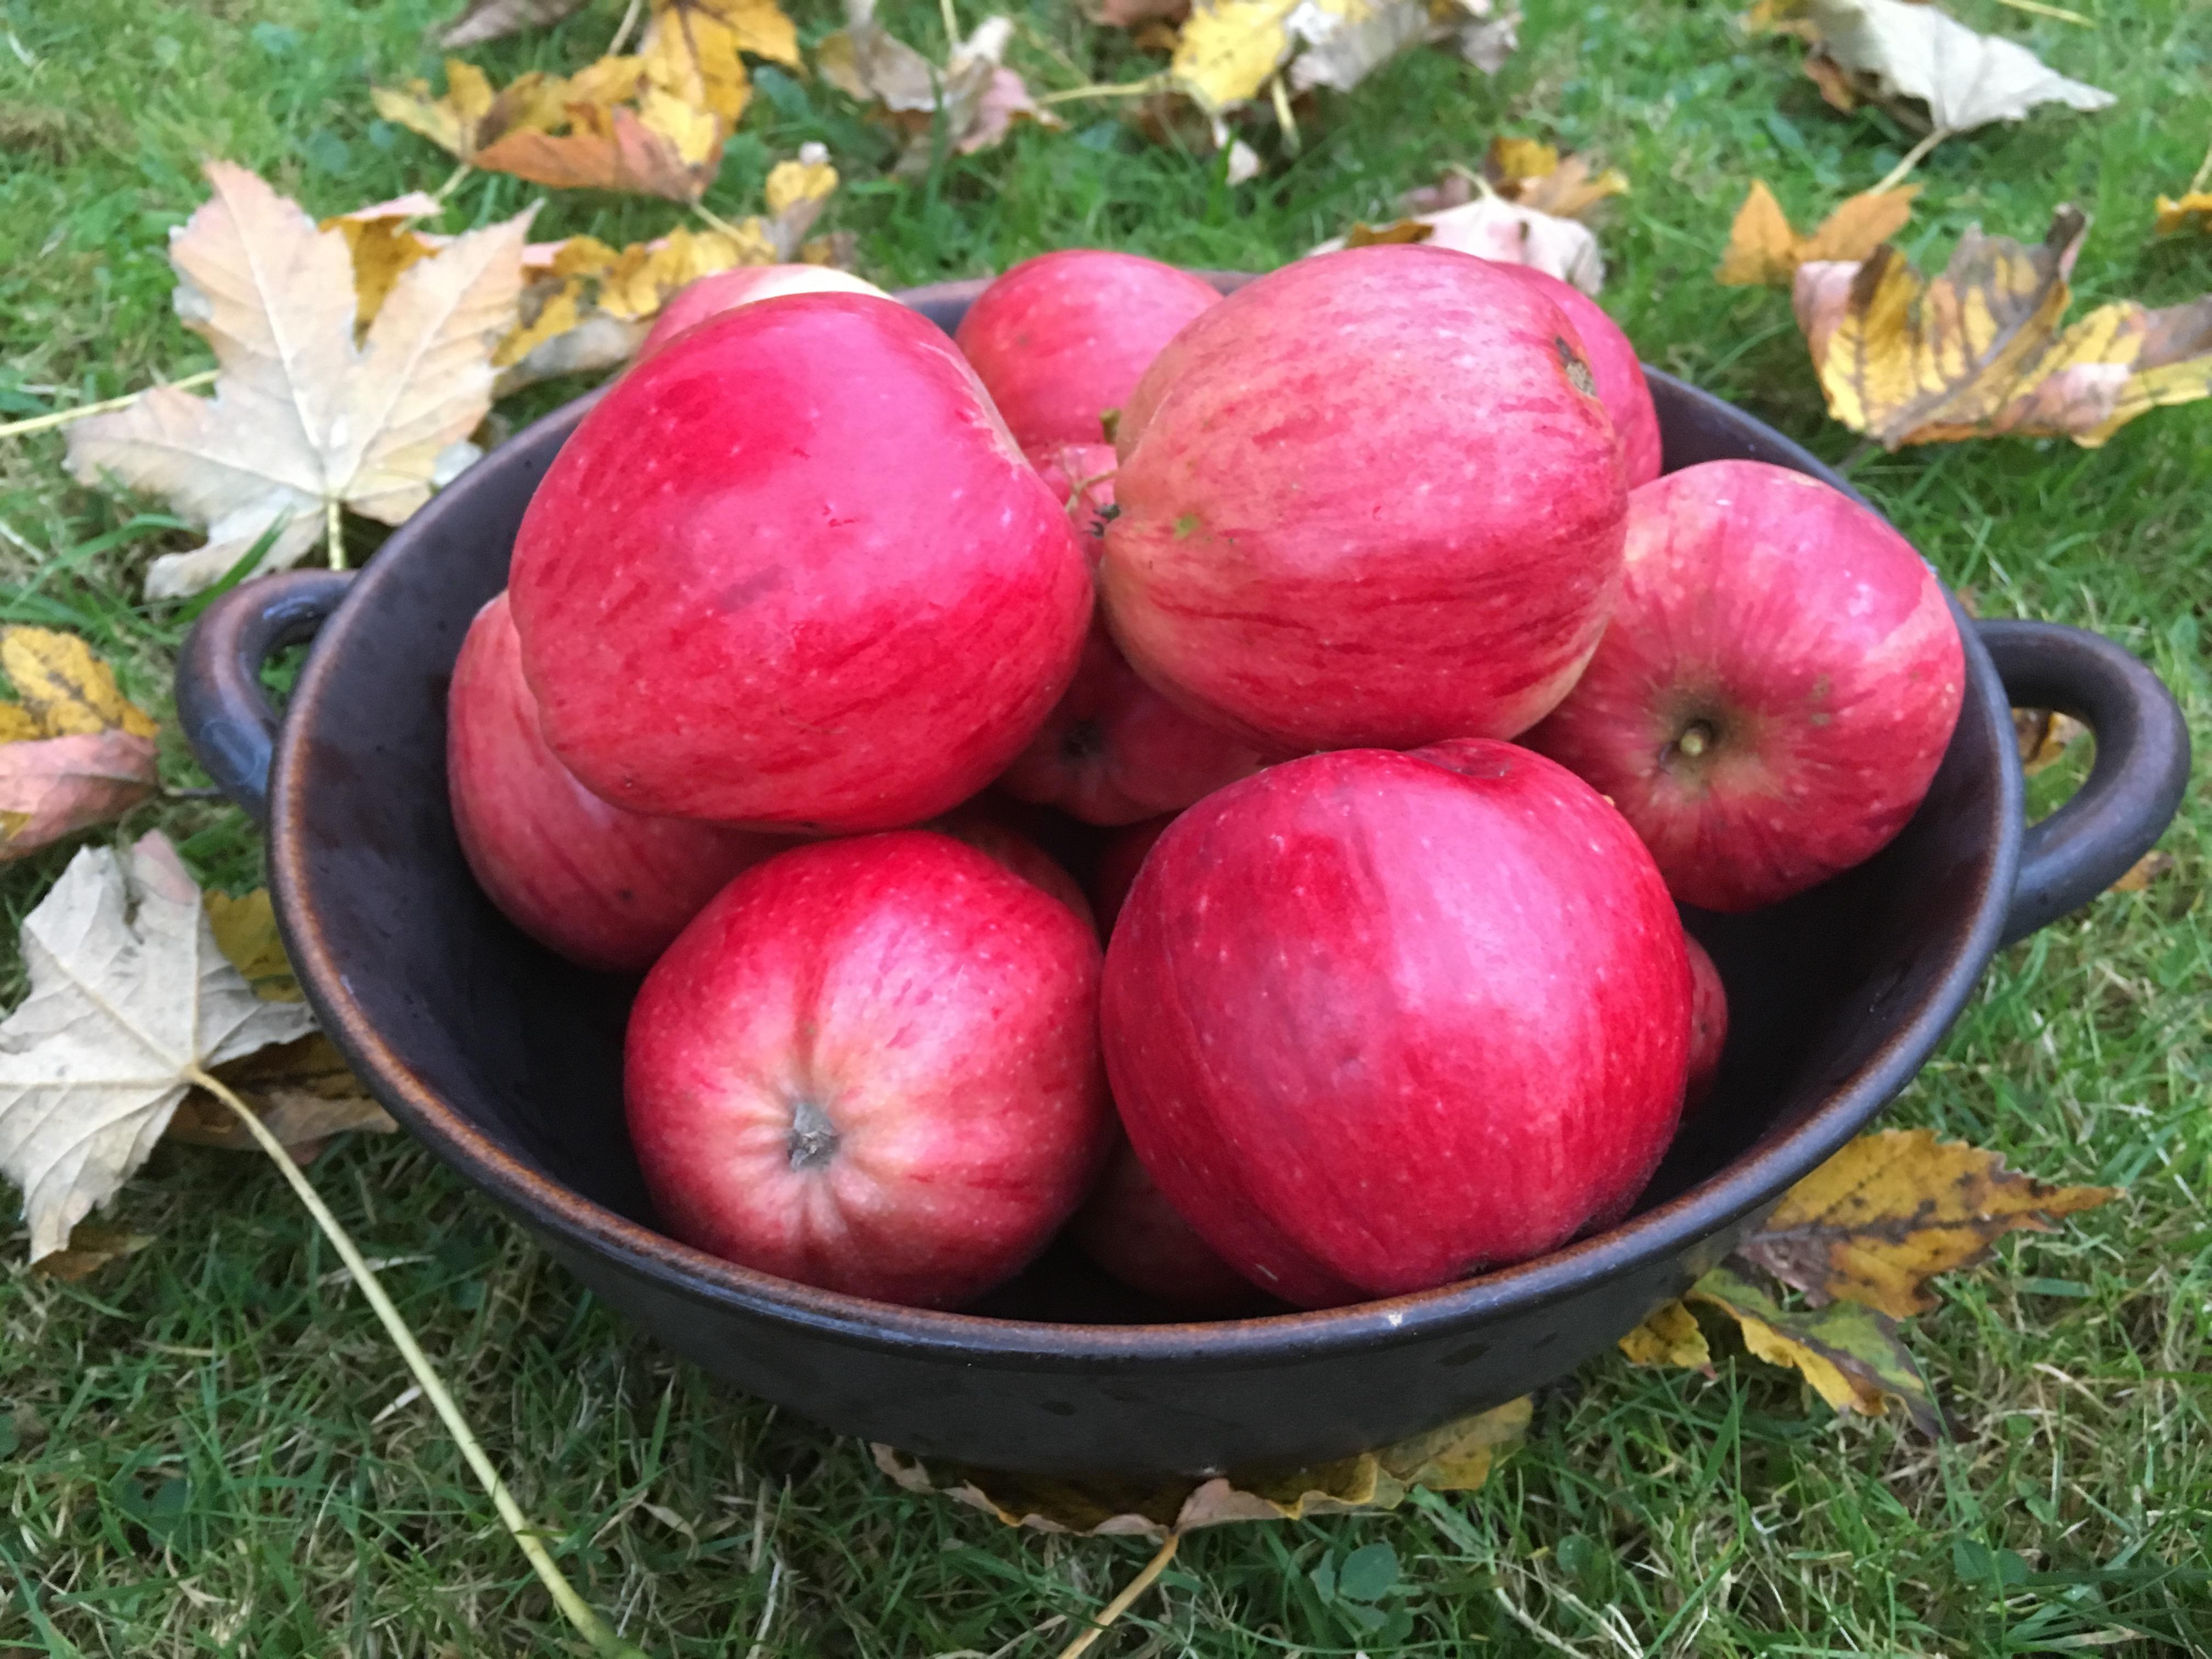 Schale mit roten Kantäpfeln